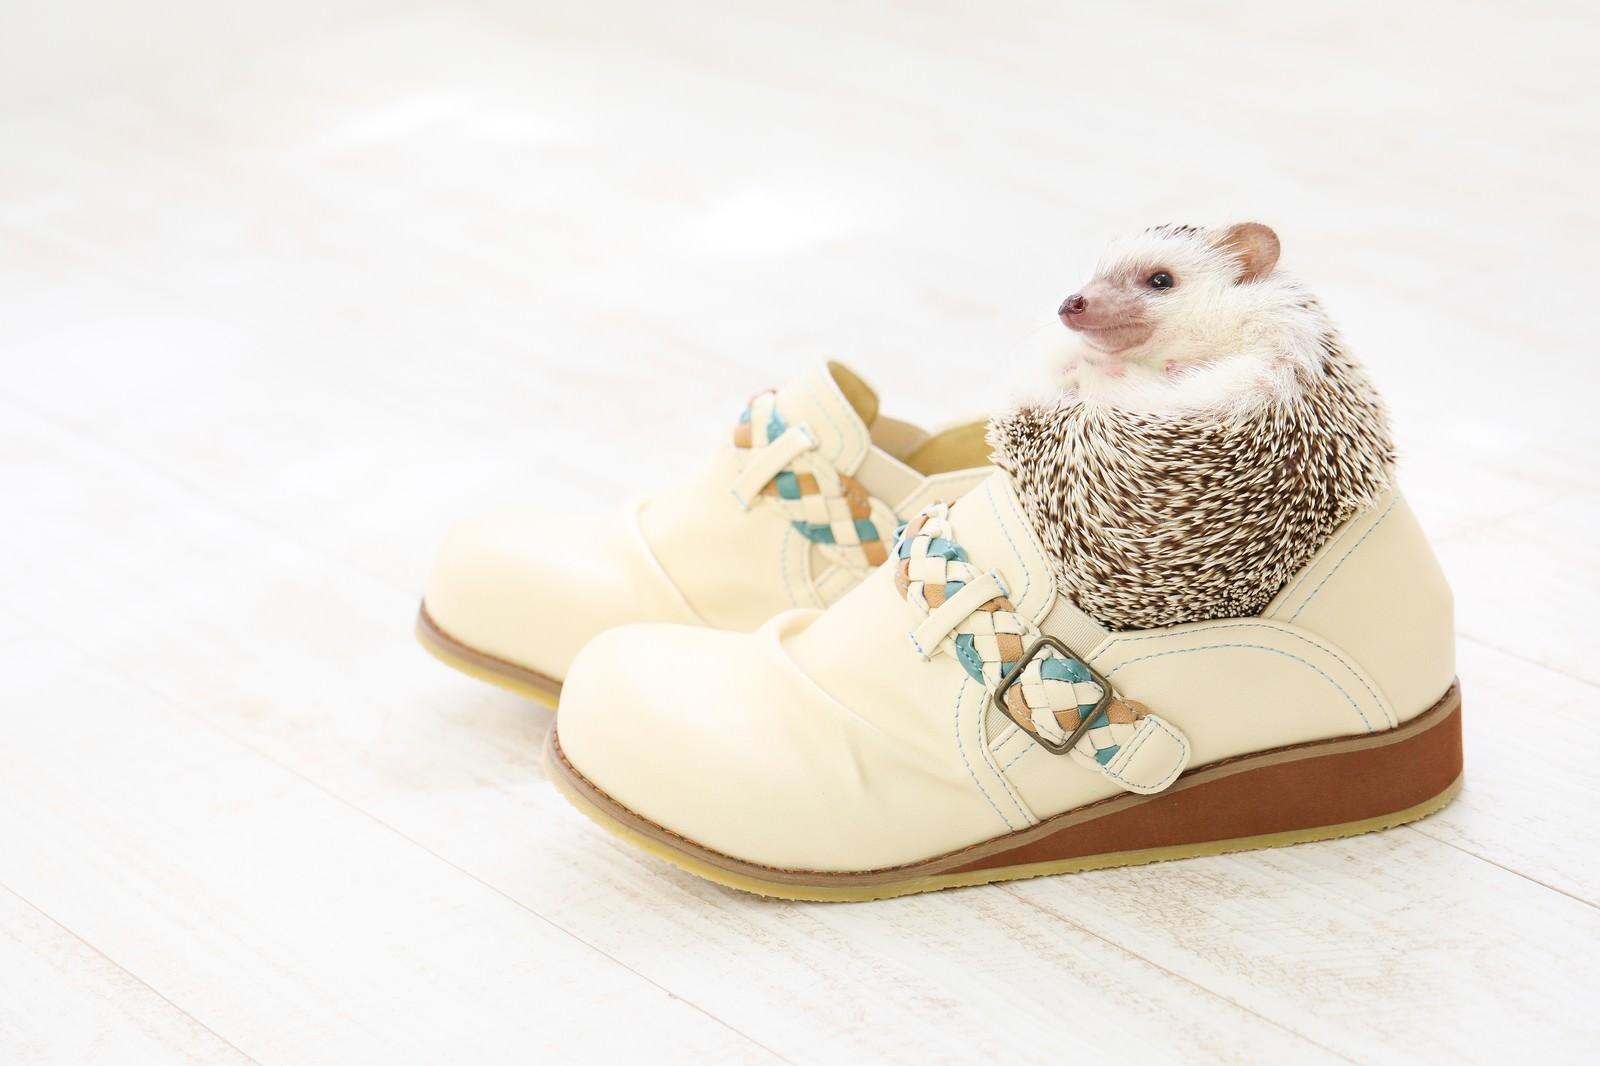 「靴のサイズにちょうどいい! まんまるハリネズミ靴のサイズにちょうどいい! まんまるハリネズミ」のフリー写真素材を拡大